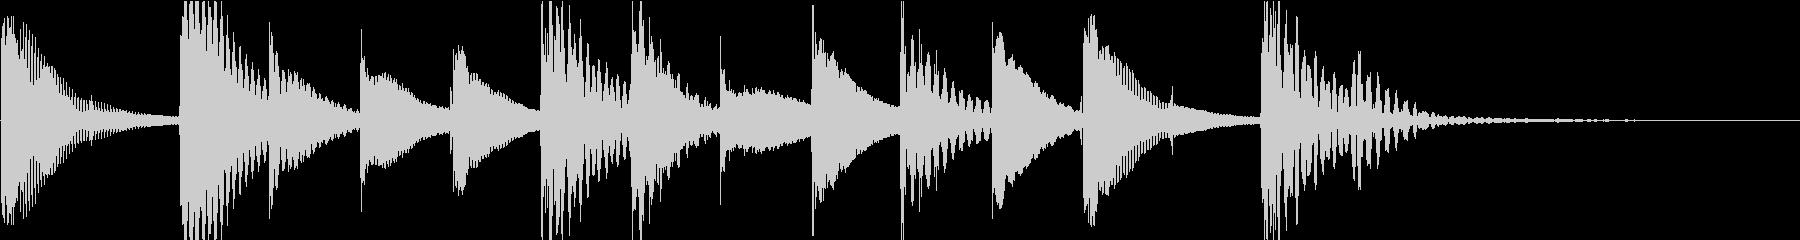 マリンバのほのぼのとしたジングル5の未再生の波形